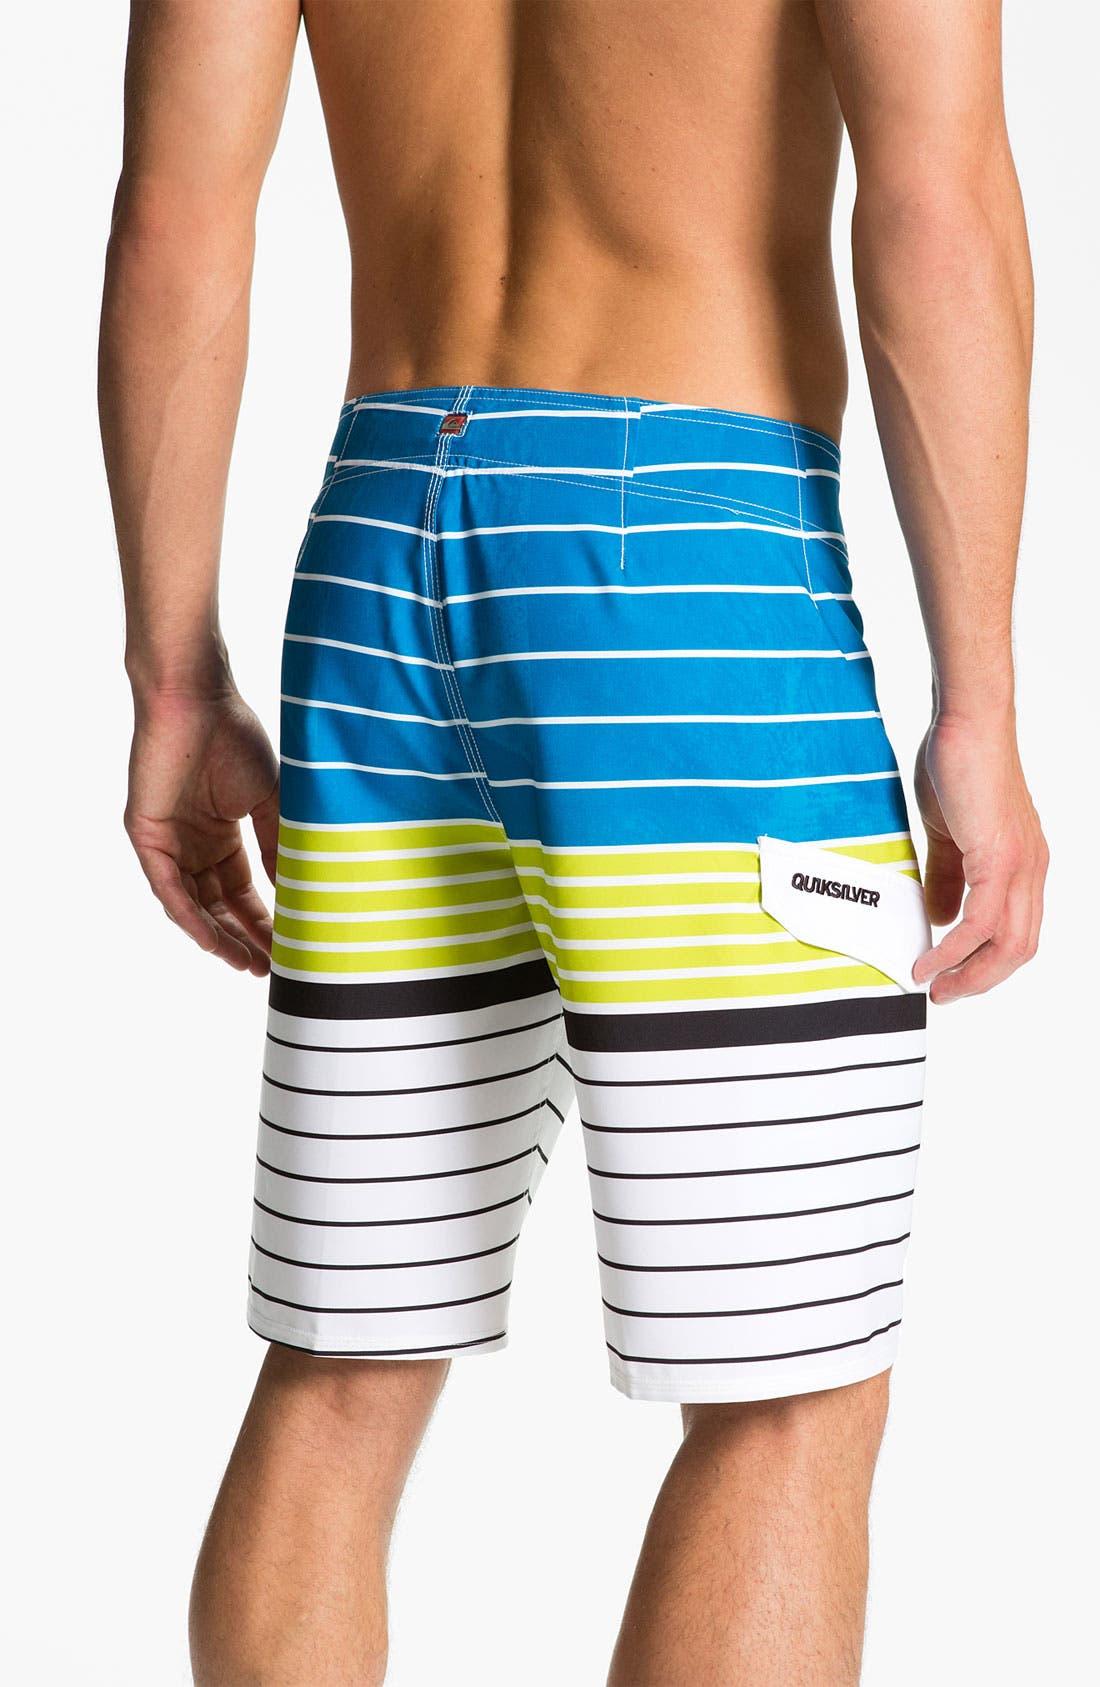 Alternate Image 2  - Quiksilver 'Trolling' Board Shorts